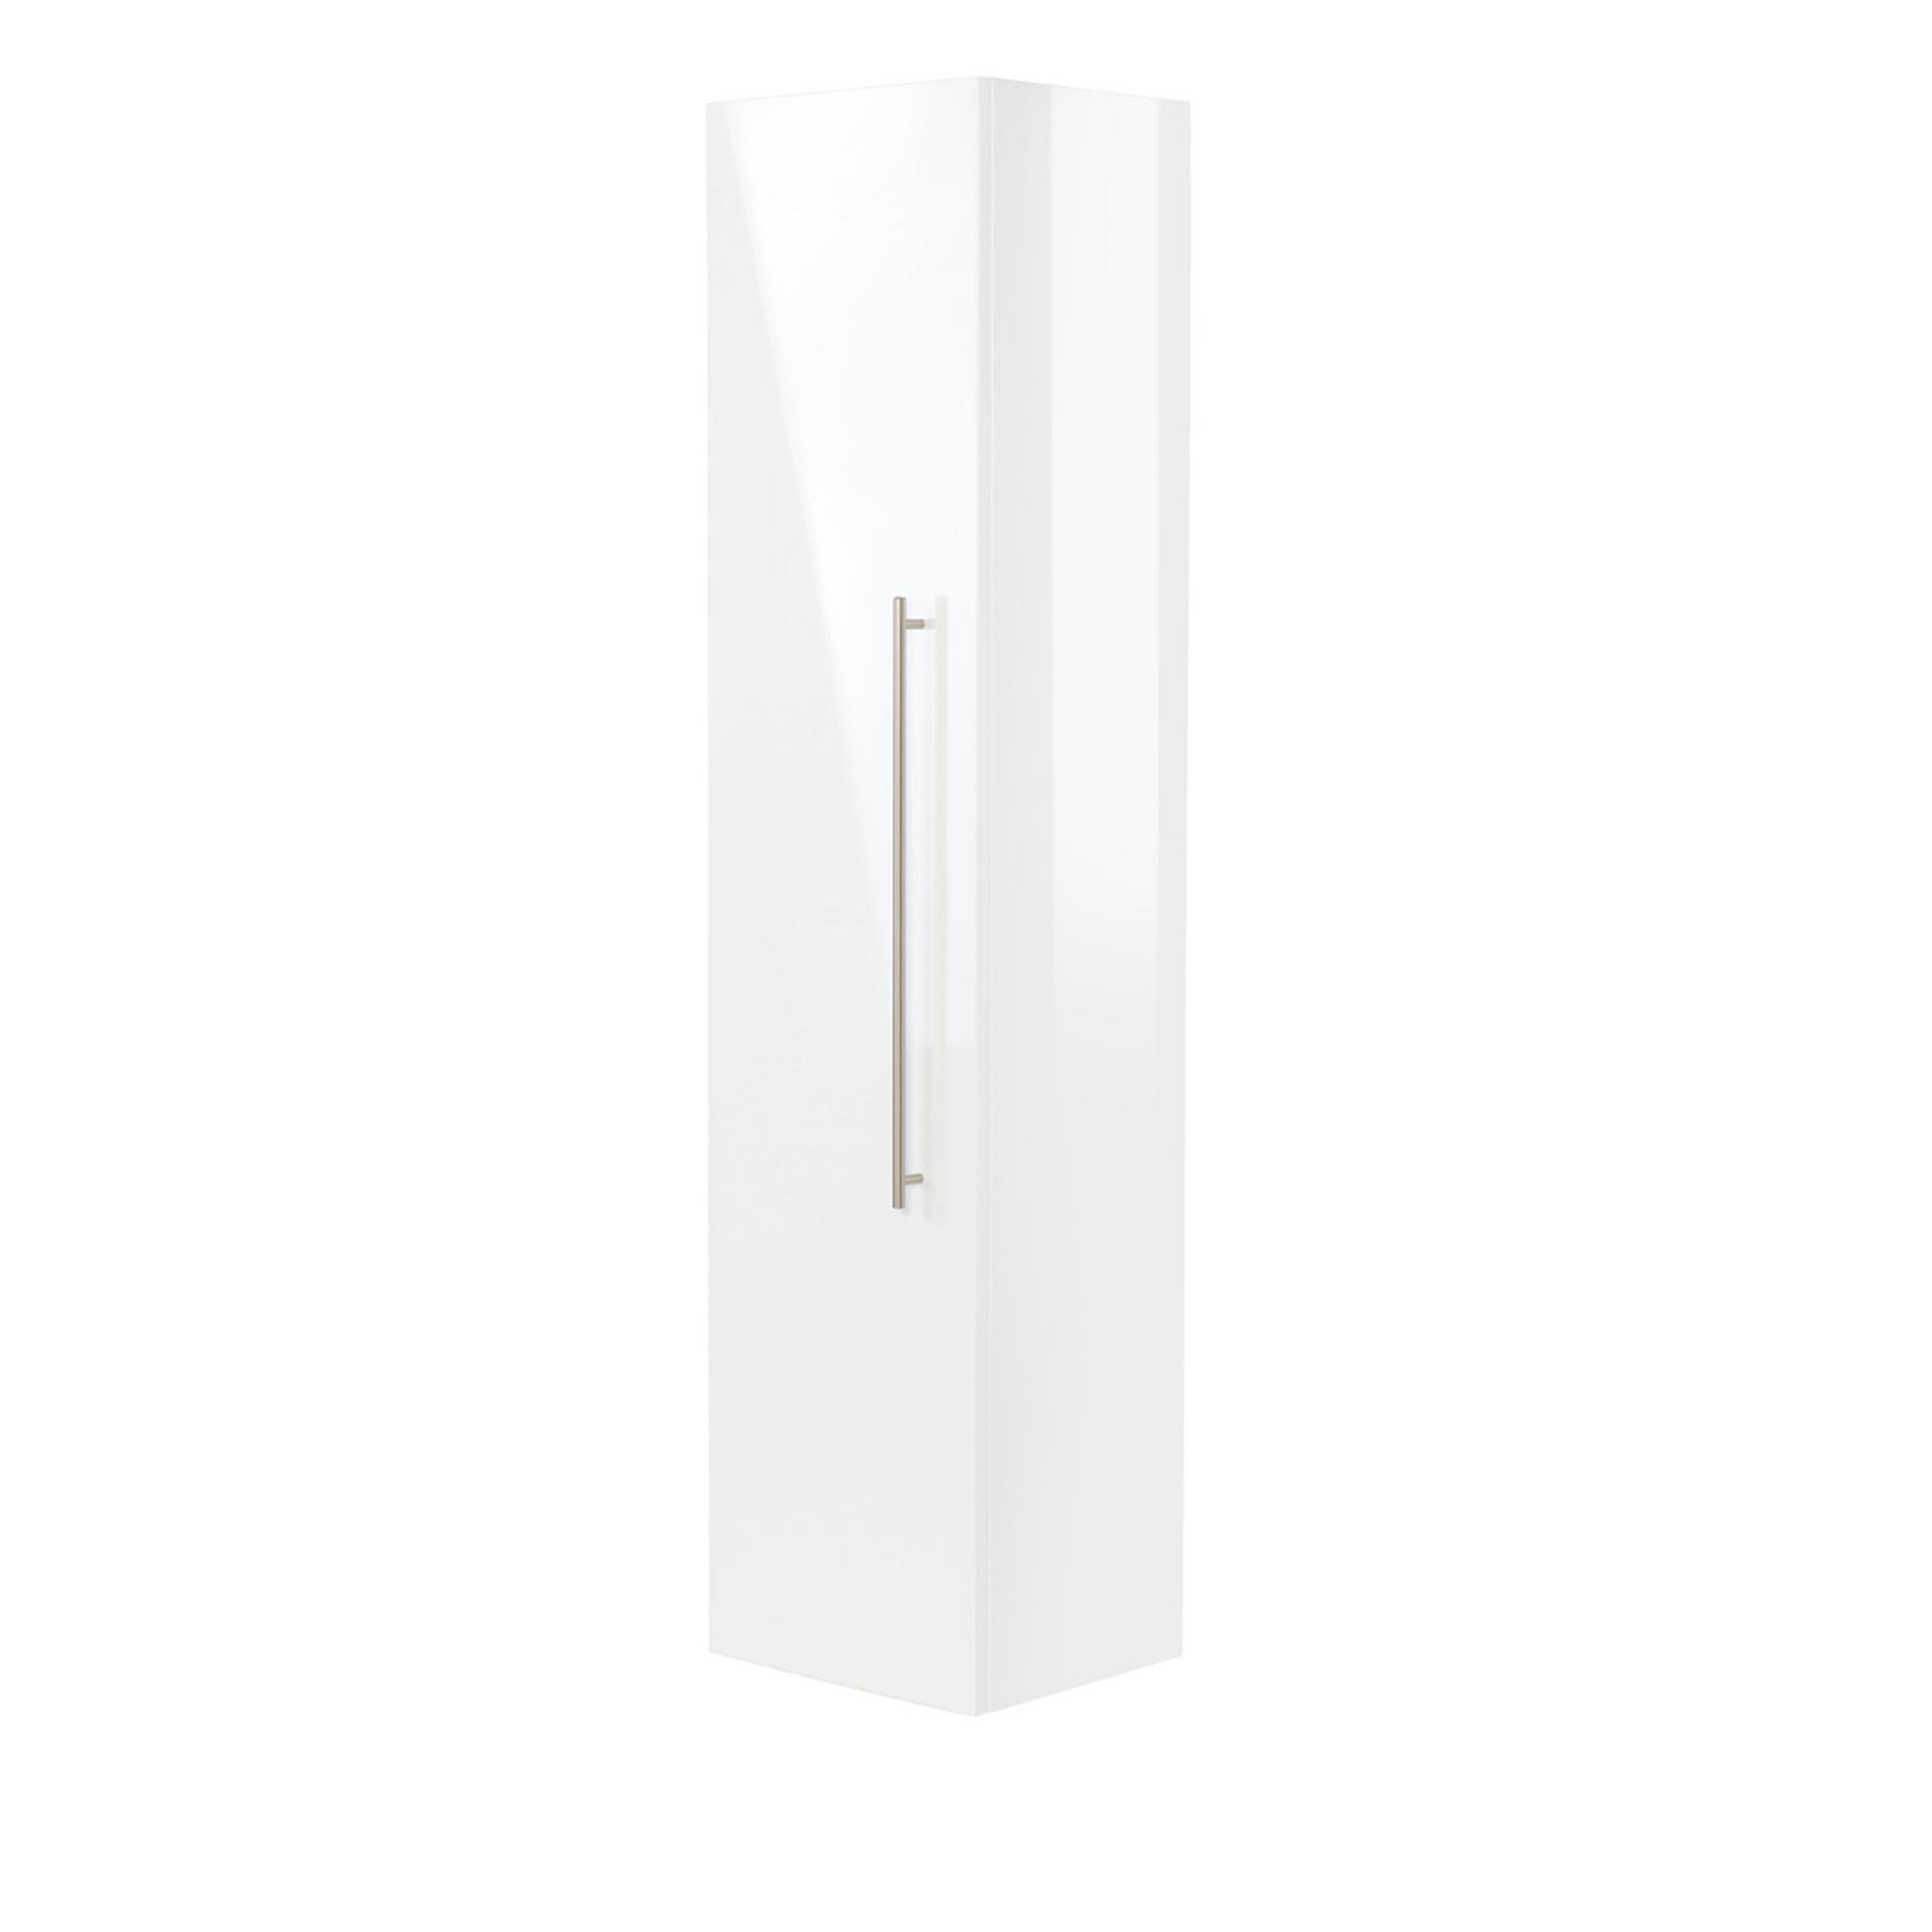 Details zu Bad-Hochschrank LEVIA - 11-türig - 11 cm breit - Hochglanz Weiß